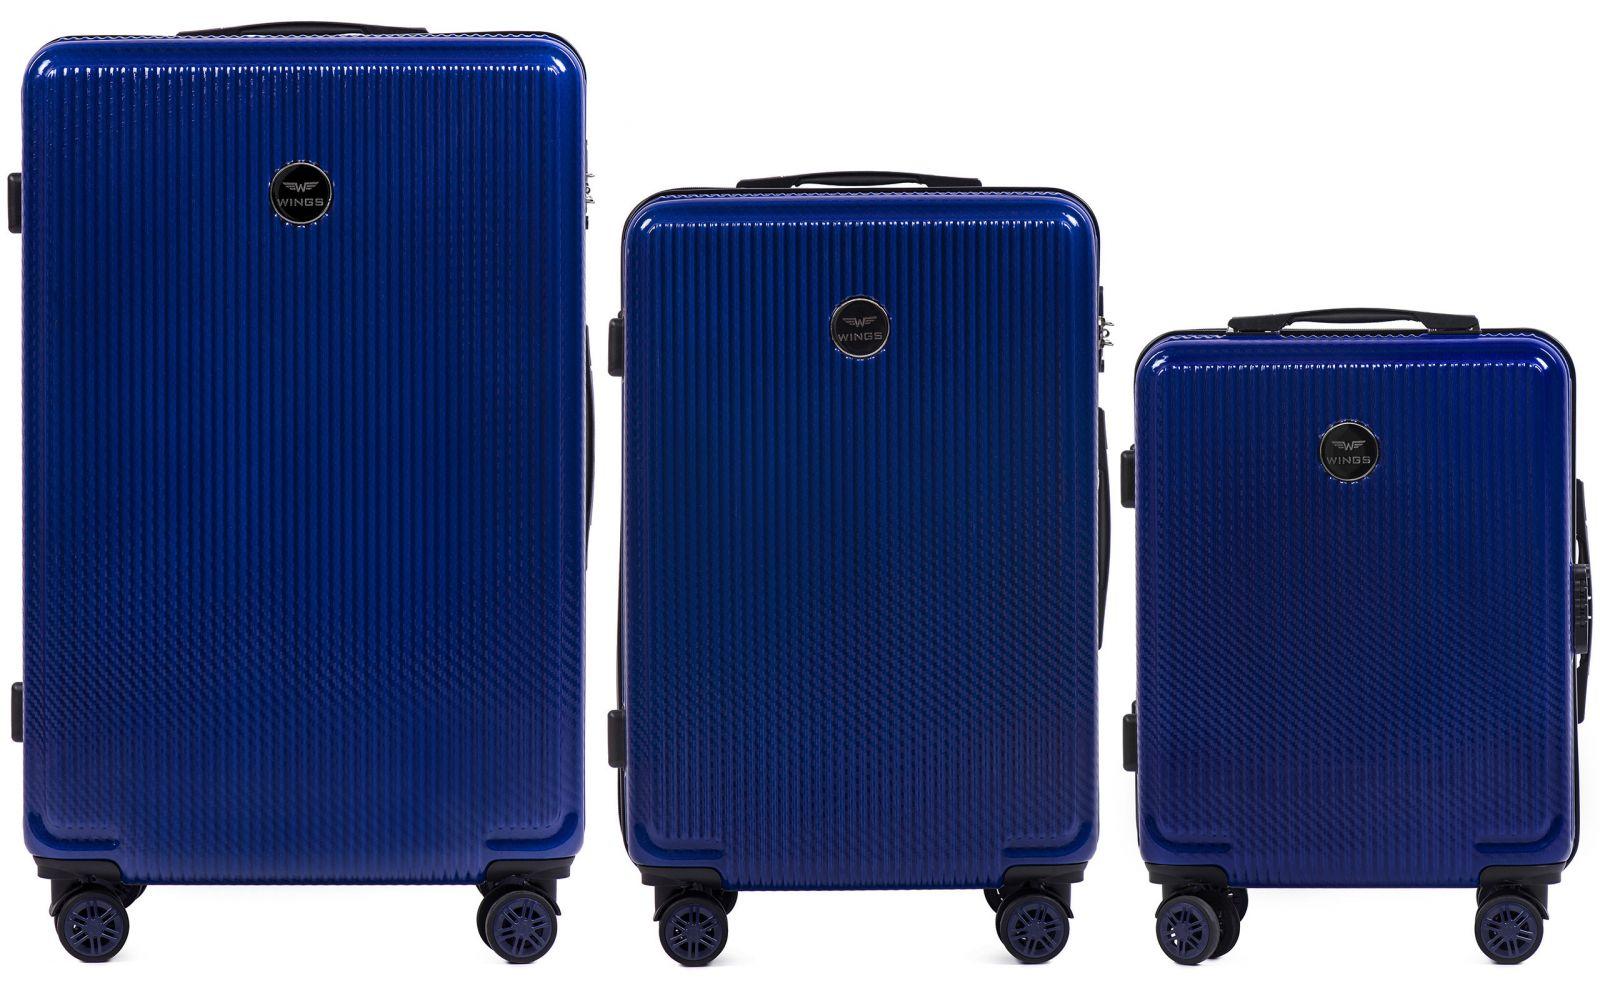 Cestovní kufry sada WINGS ABS- PC BLUE L,M,S